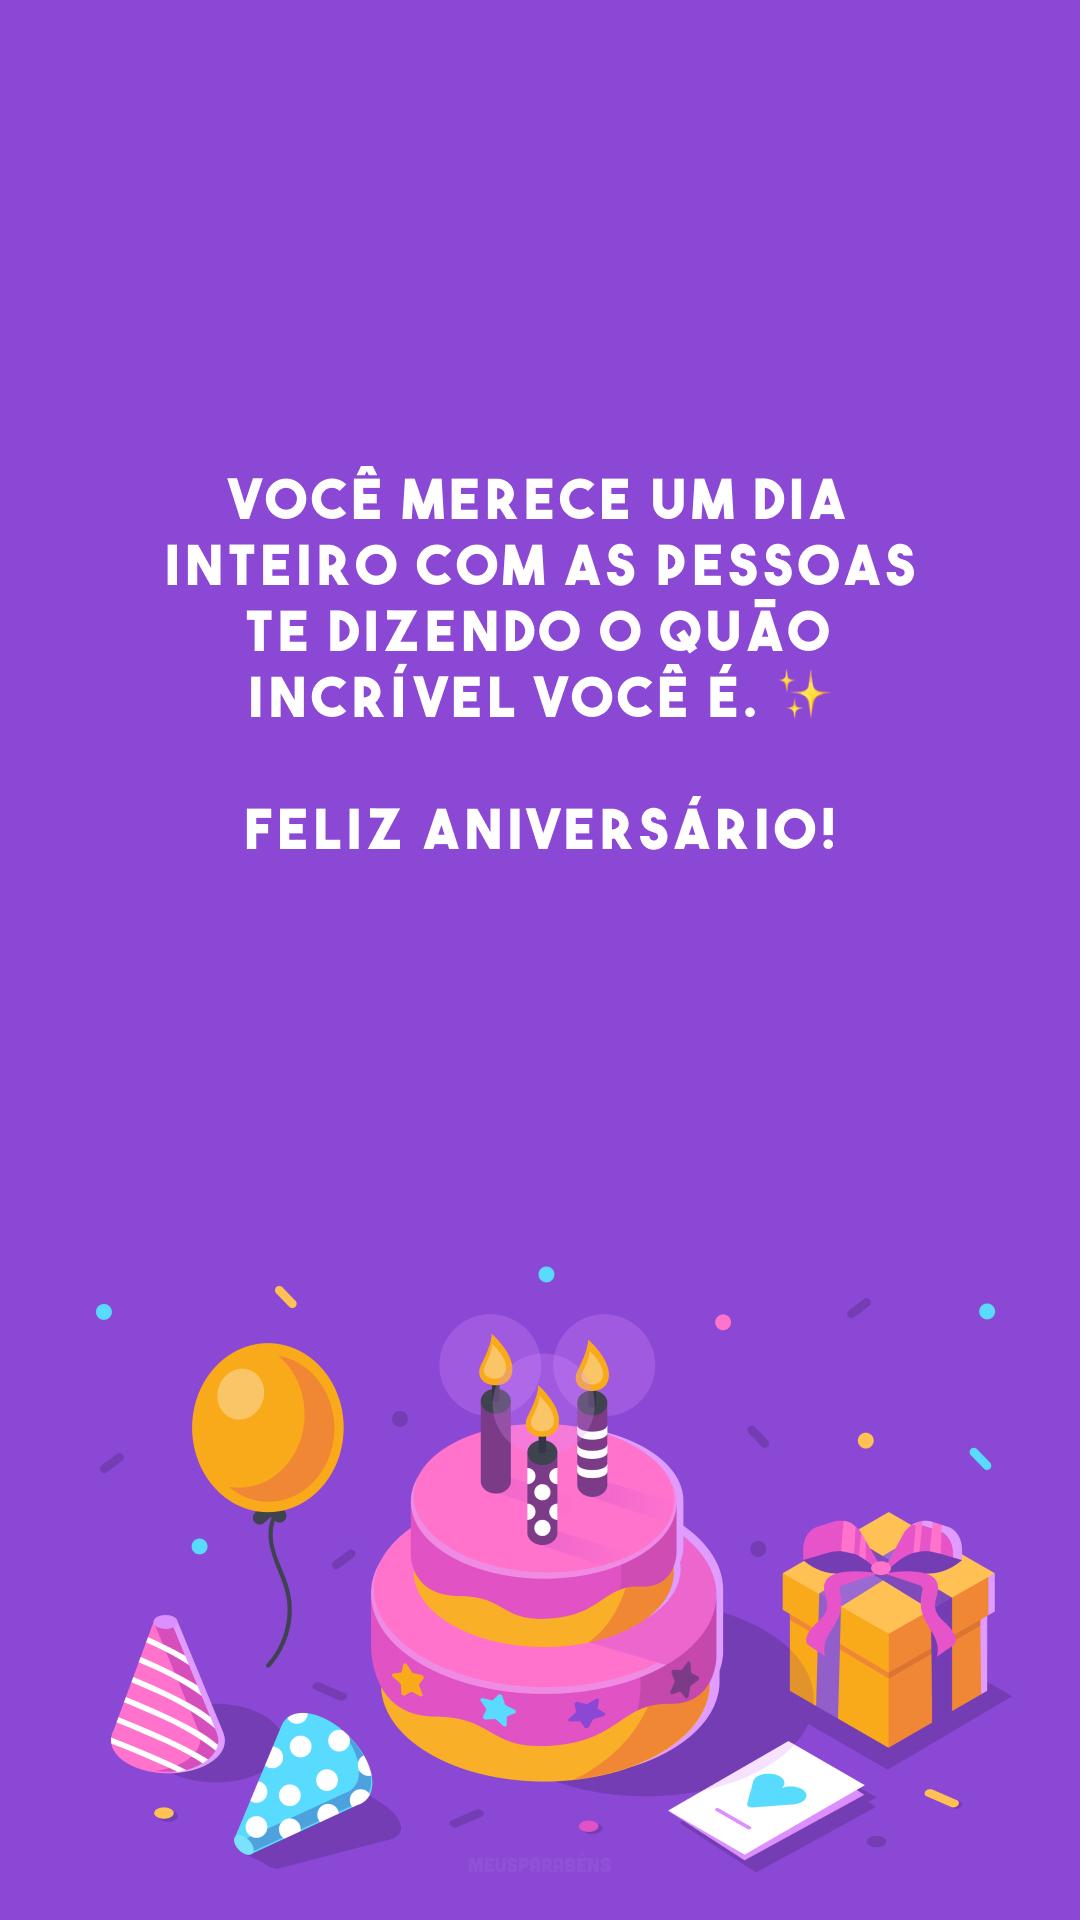 Você merece um dia inteiro com as pessoas te dizendo o quão incrível você é. ✨ Feliz aniversário!